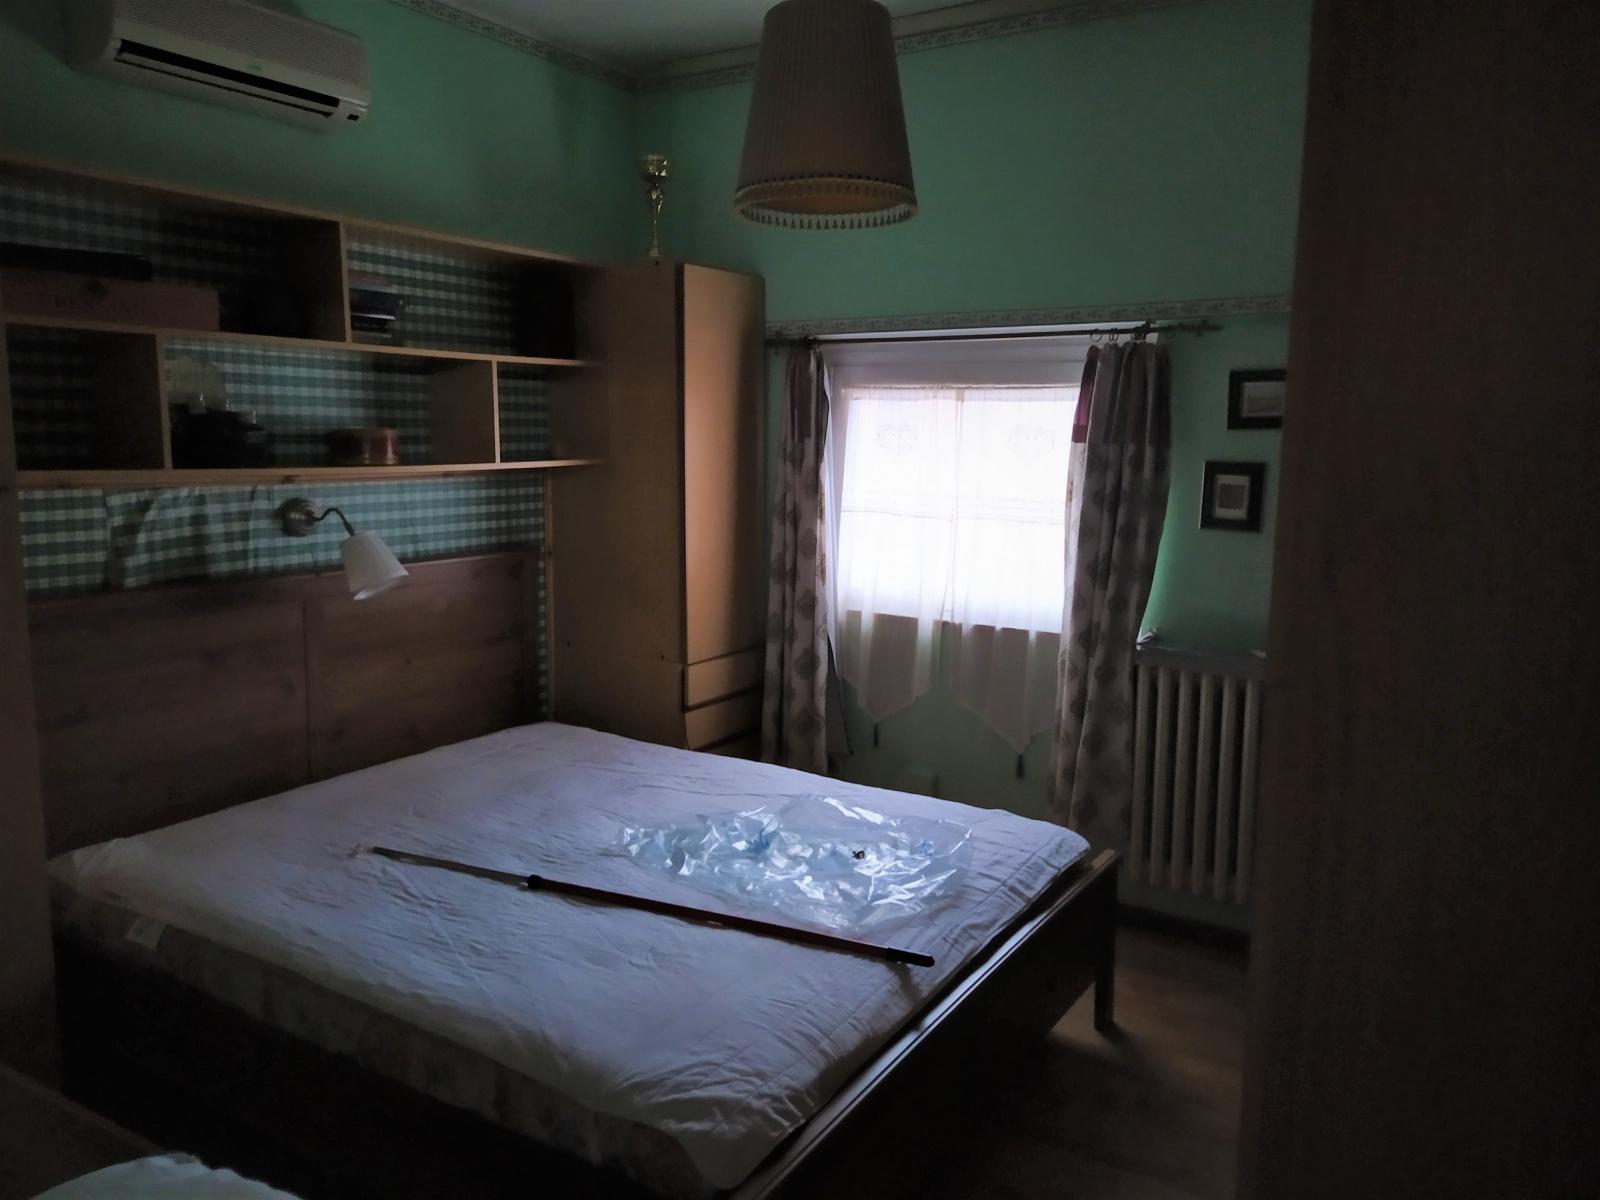 appartamento-loft-in-vendita-milano-provincia-buccinasco-naviglio-grande-spaziourbano-immobiliare-vende-3-locali-open-space-7